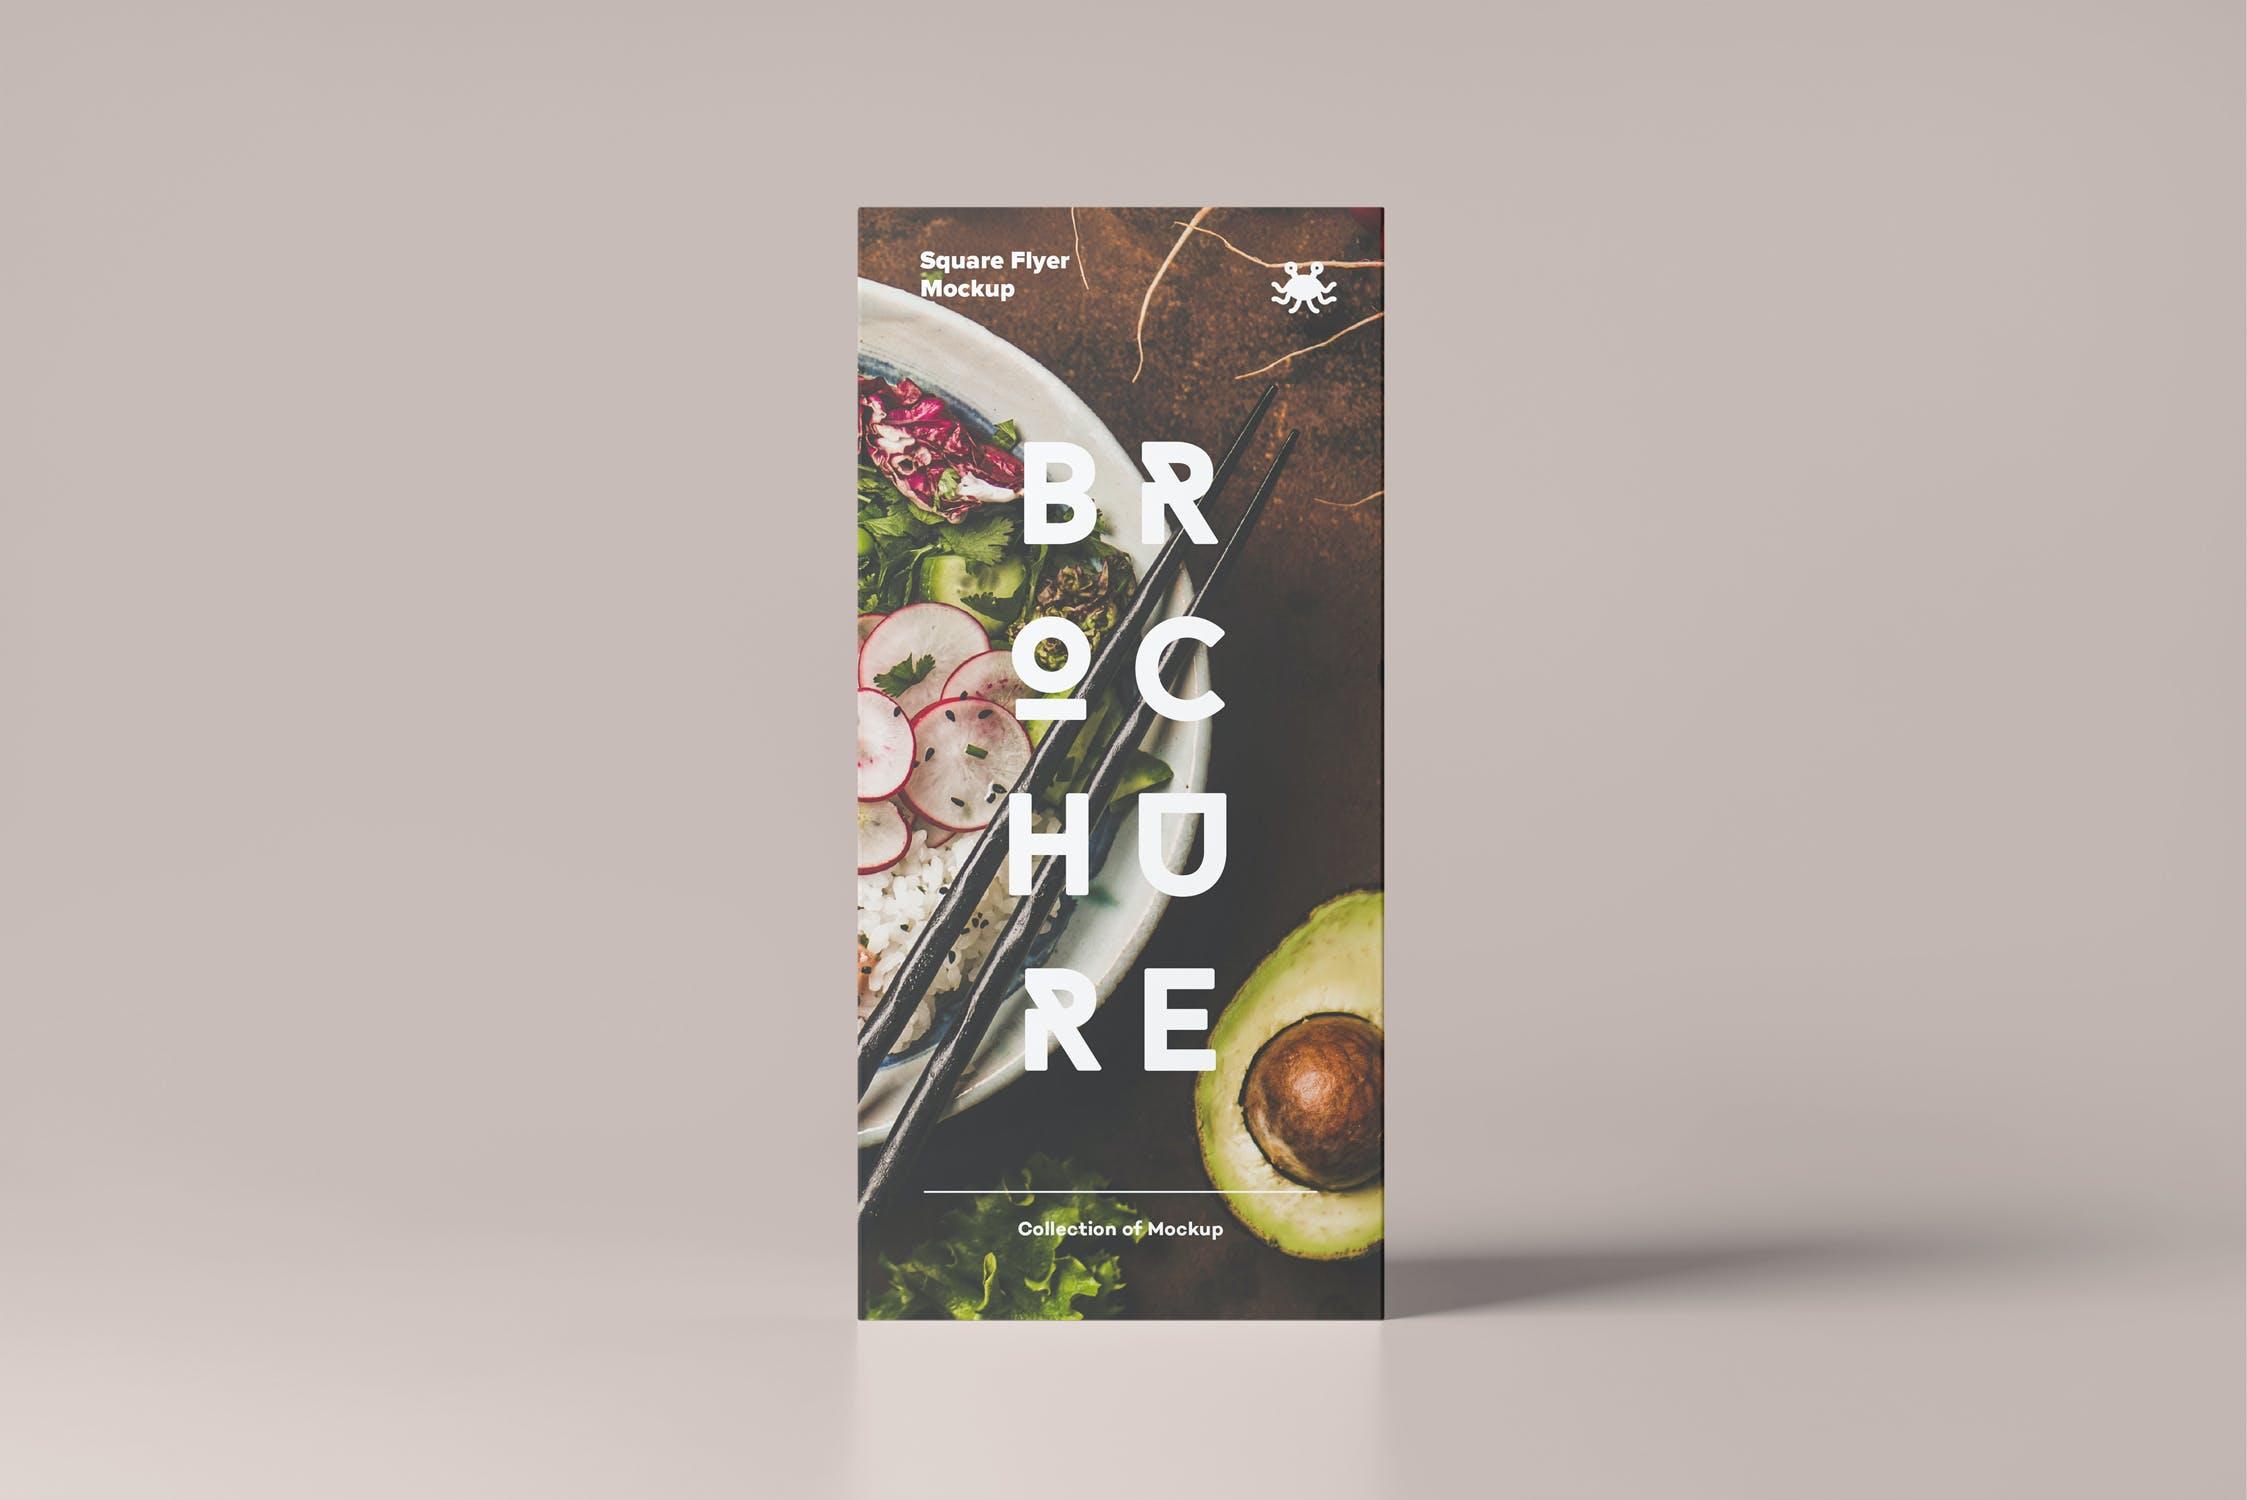 多角度三角形传单海报桌牌设计展示PSD样机模板 Triangle DL Brochure Stand Mockup插图(4)